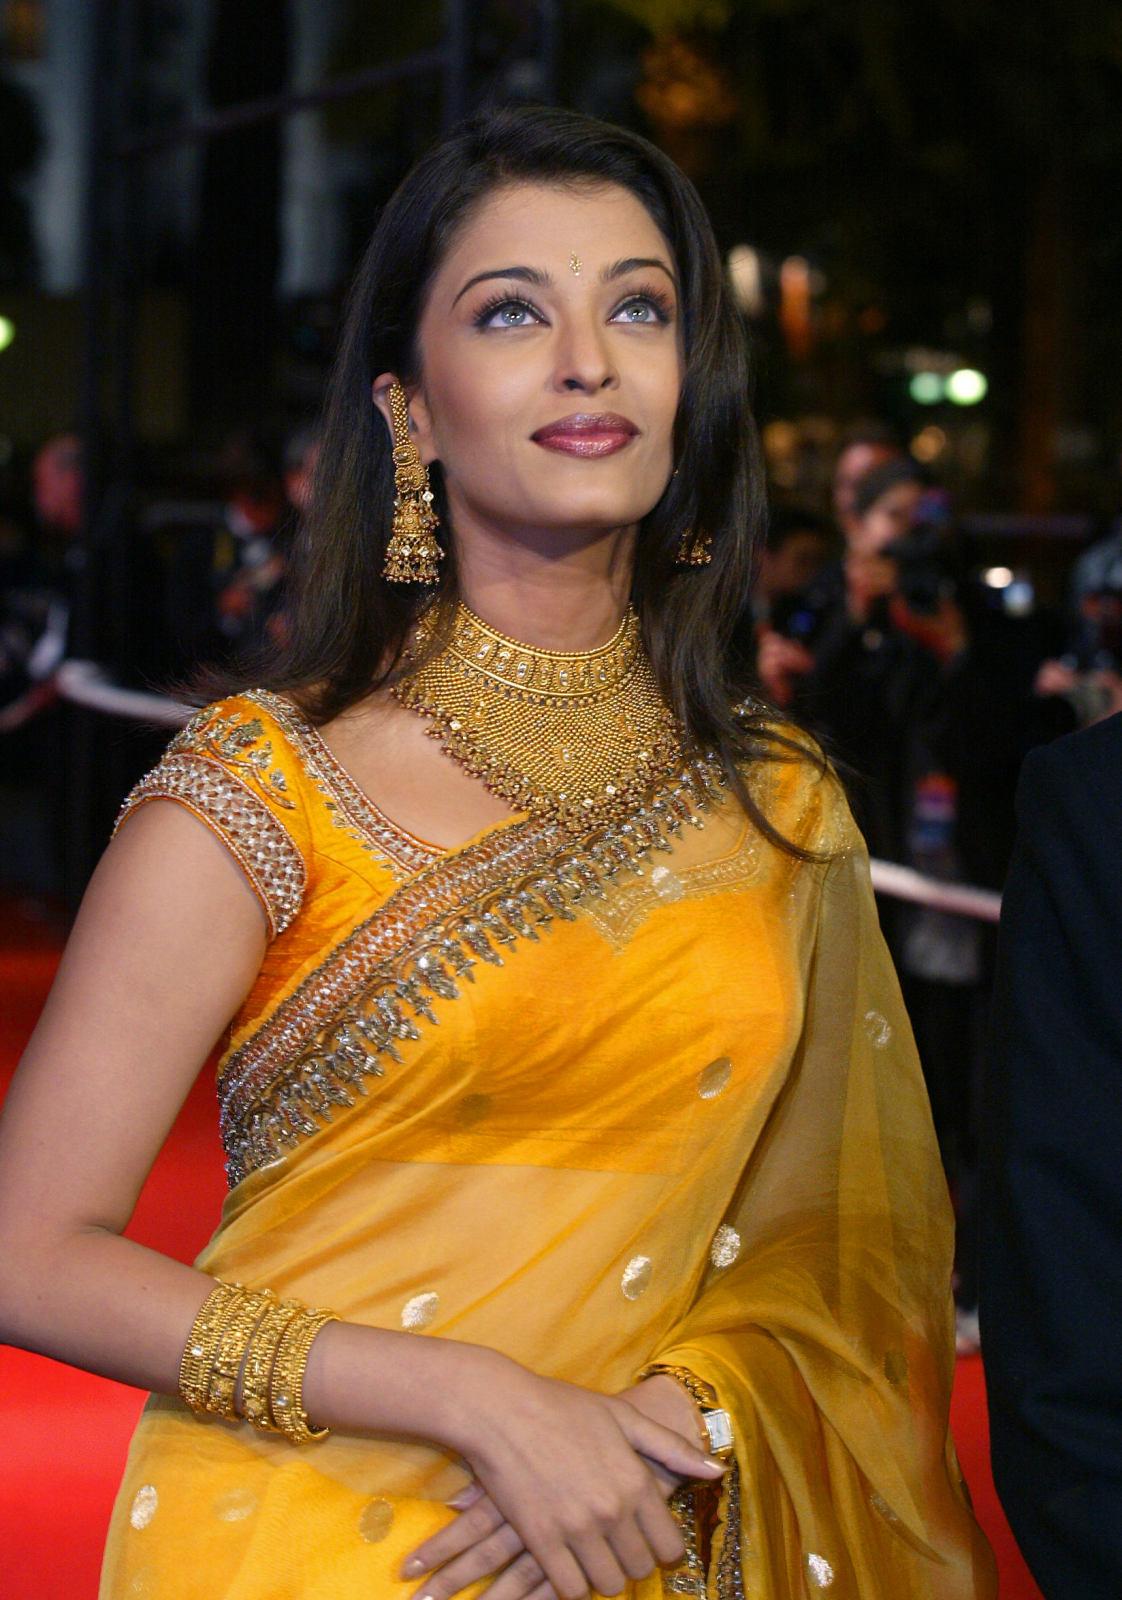 aishwarya rai photos - photo #16